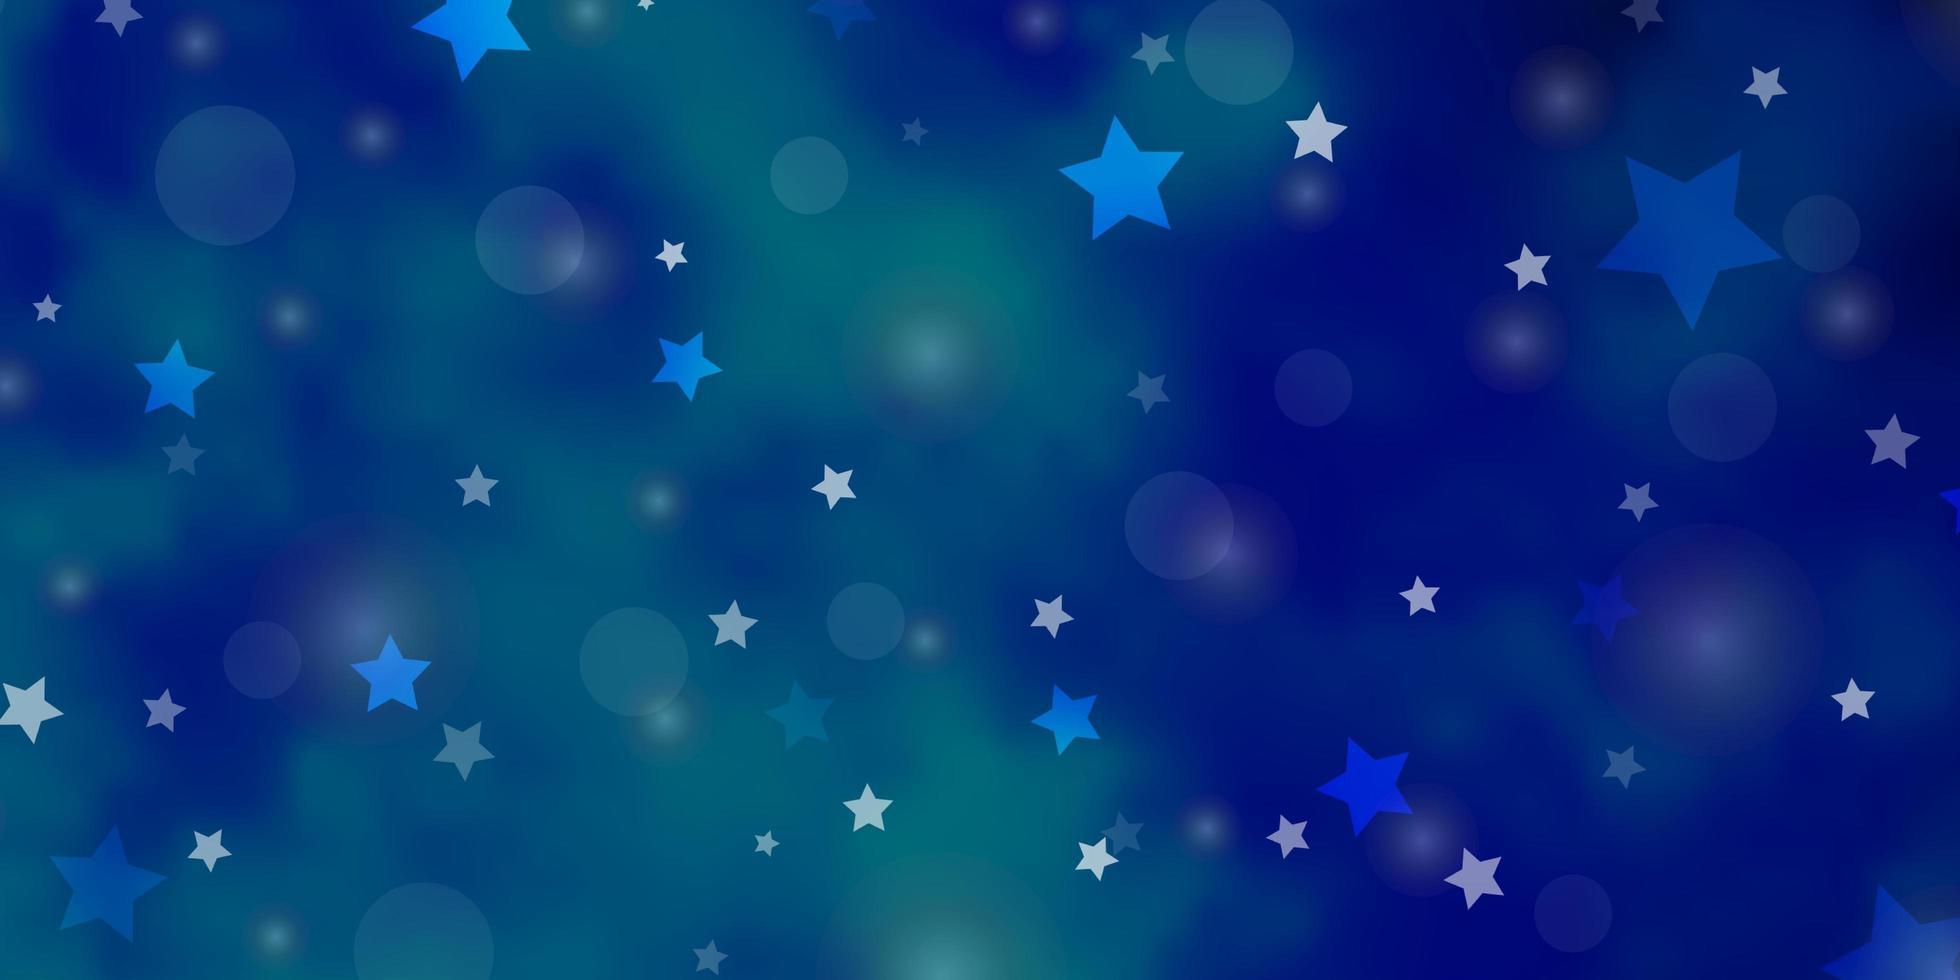 textura vector azul claro com círculos, estrelas.